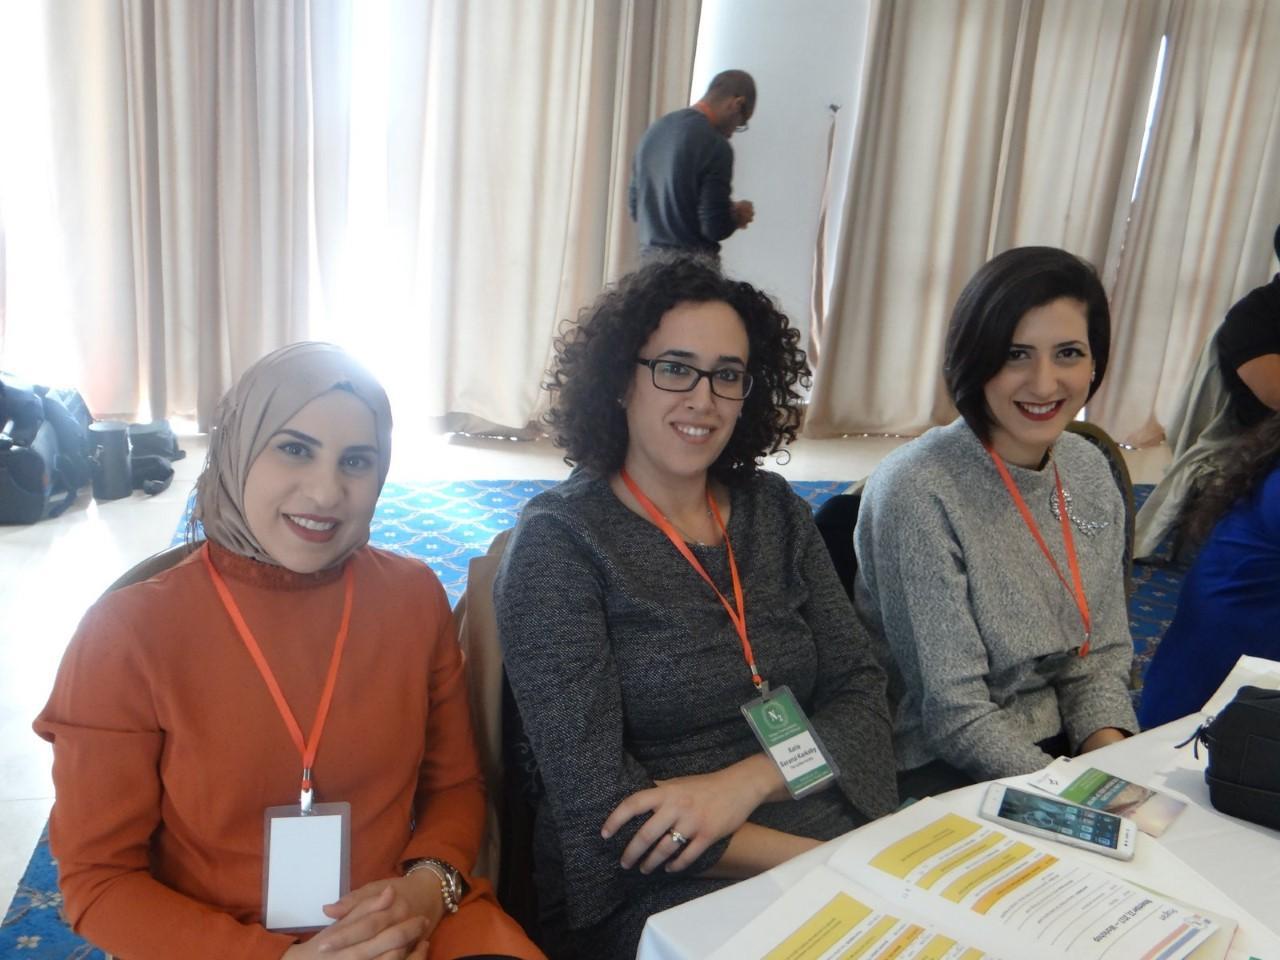 باحثون وعلماء من البلاد وأوروبا في مؤتمر جمعية الجليل